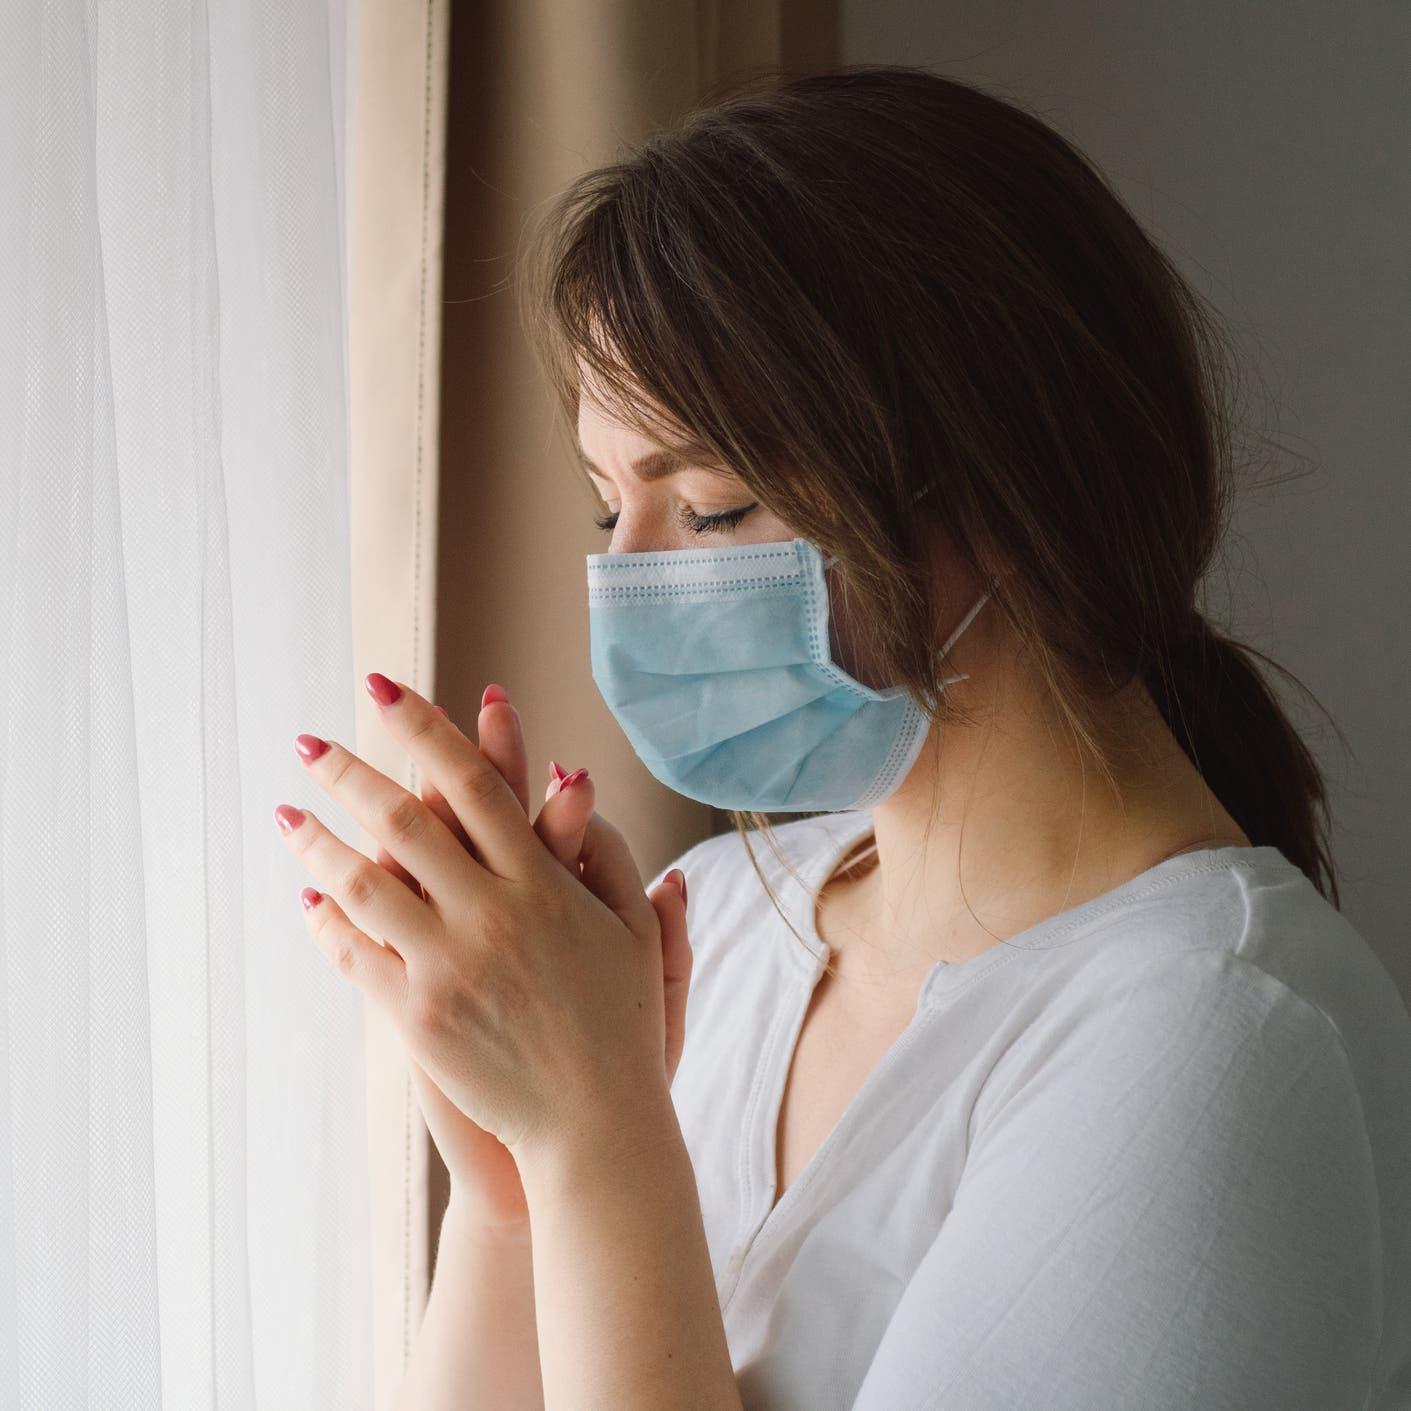 بعد الشفاء من كورونا.. أعراض مزعجة وطويلة الأمد